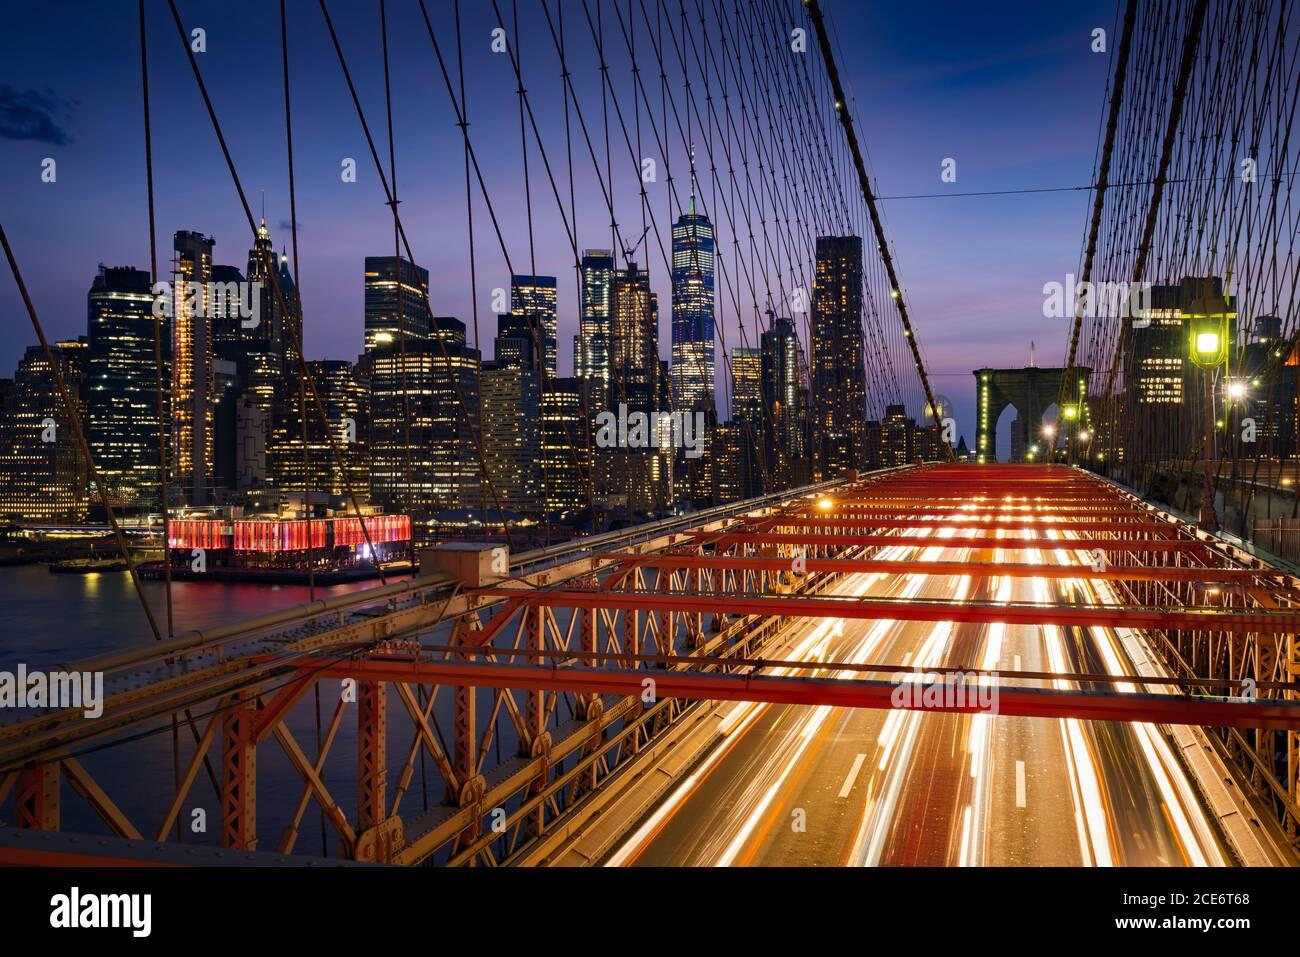 Gratte-ciels Lower Manhattan à Dusk et au pont de Brooklyn avec sentiers légers. Soirée à New York, NY, États-Unis Banque D'Images